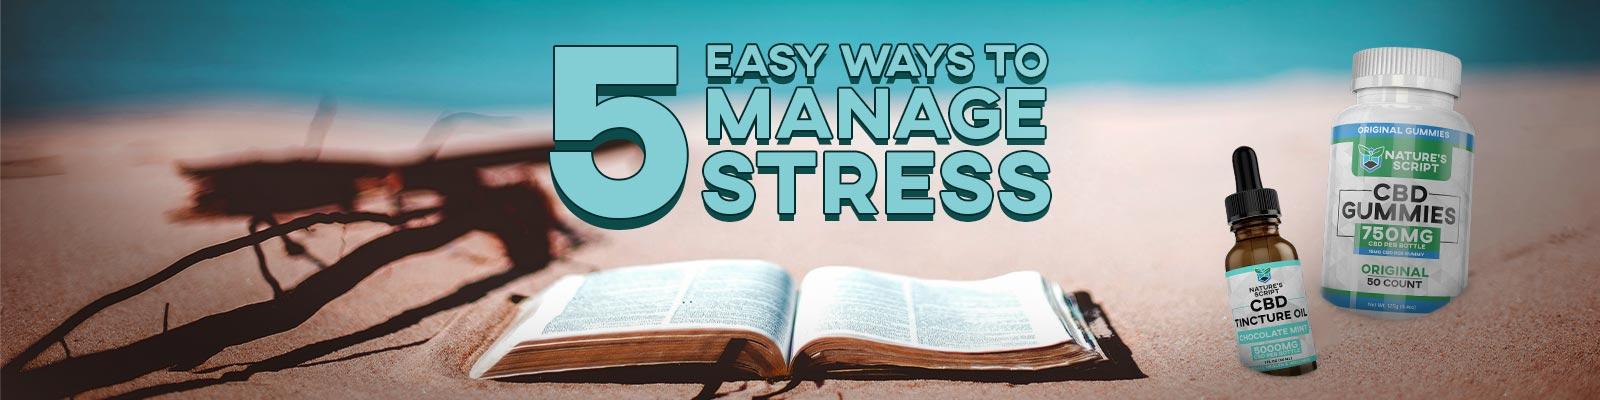 5 Ways to Manage Stress